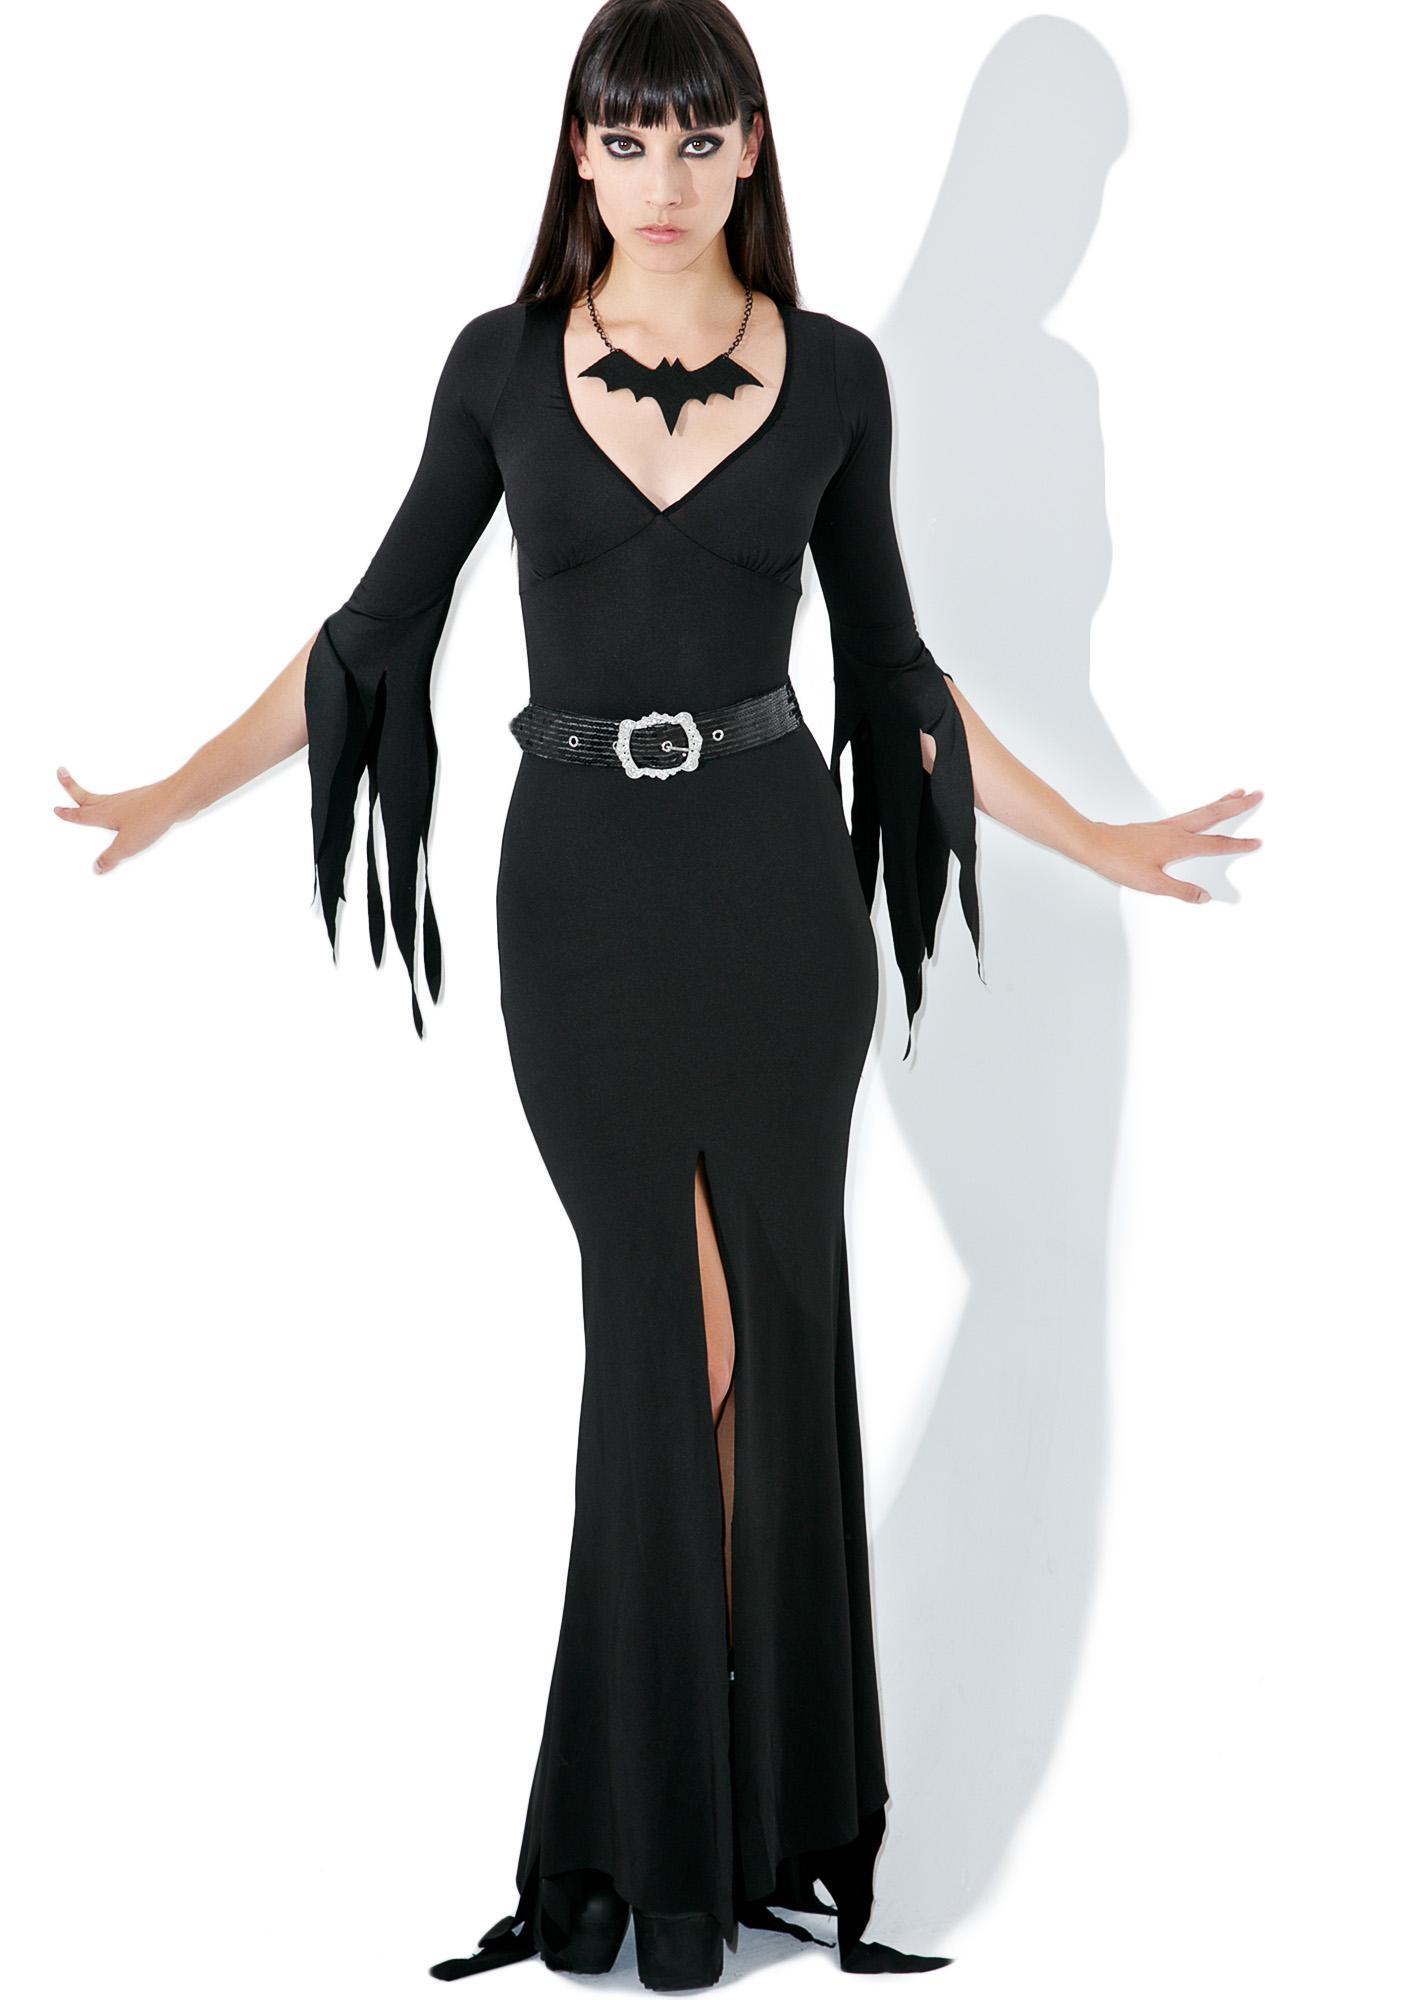 Immortal Mistress Costume Set